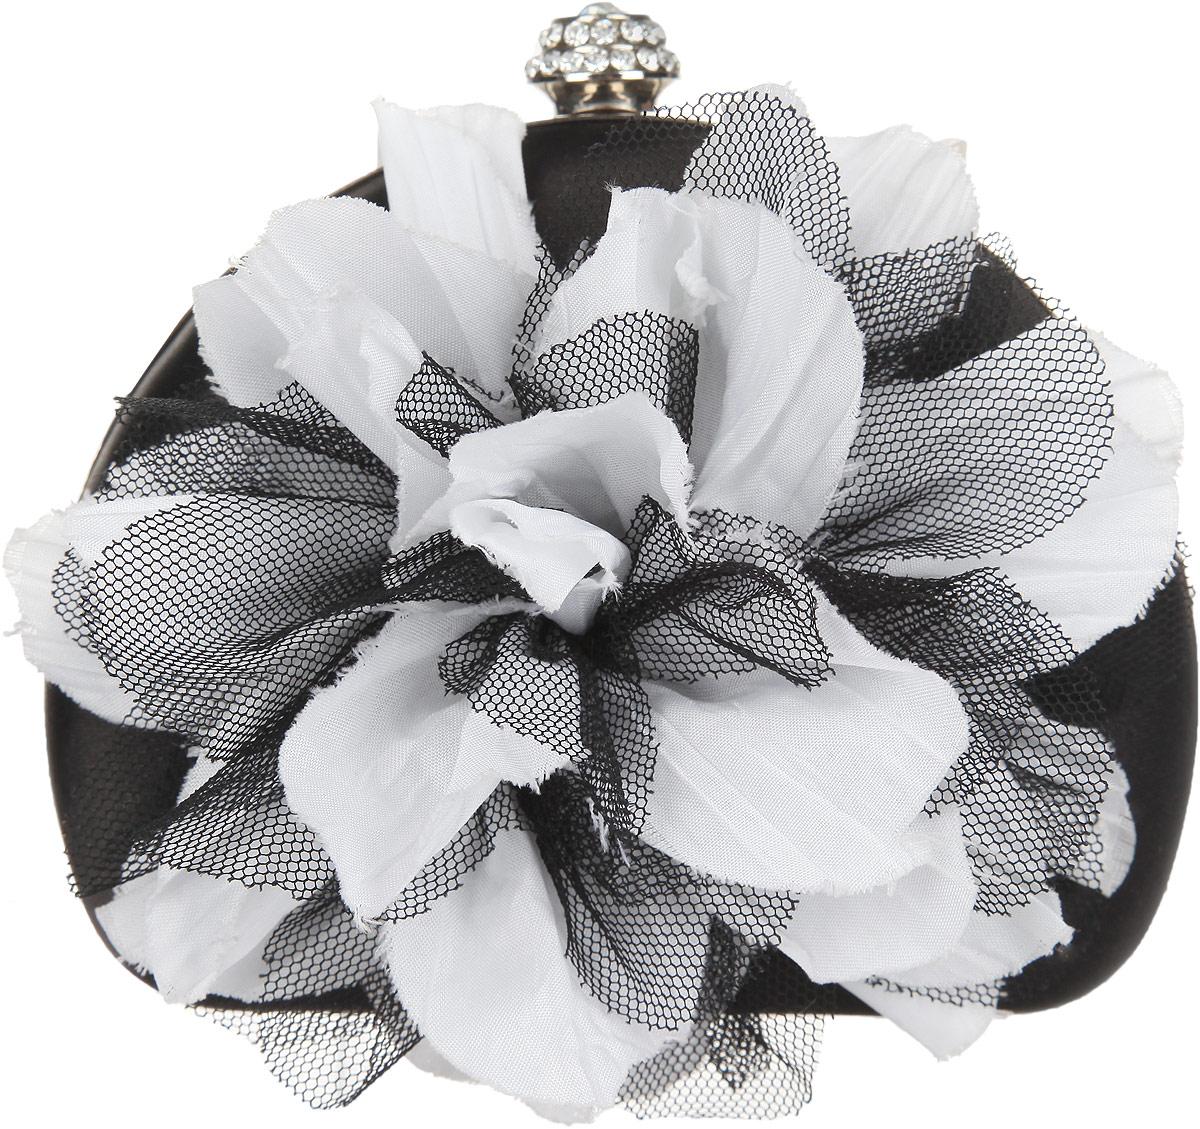 Клатч Fabretti, цвет: черный, белый. 84518451 blackЭлегантный вечерний клатч Fabretti выполнен из полиэстера и металла. Изделие оформлено оригинальным цветком из текстиля, замок дополнен стразами. Изделие содержит одно отделение и закрывается на рамочный замок. Внутри расположено вместительное отделение. Клатч оснащен укороченным ремнем-цепочкой, который позволит носить изделие на запястье. Клатч Fabretti прекрасно завершит ваш праздничный образ.